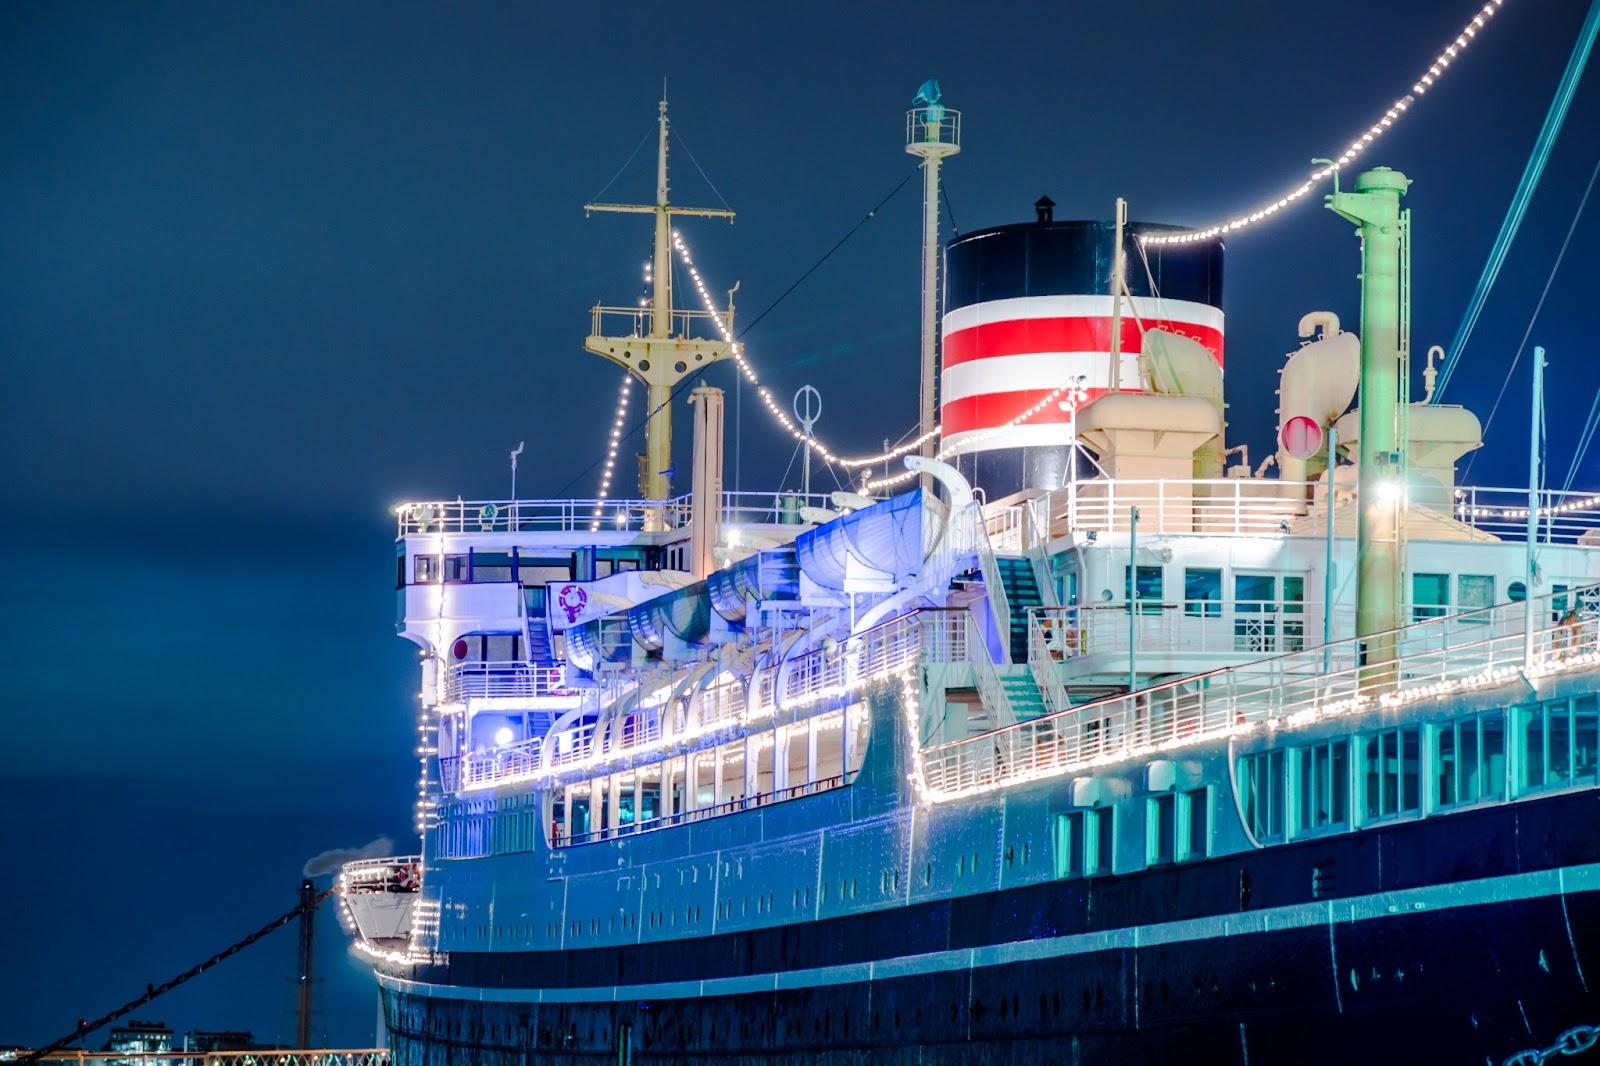 博物館船「氷川丸」の写真